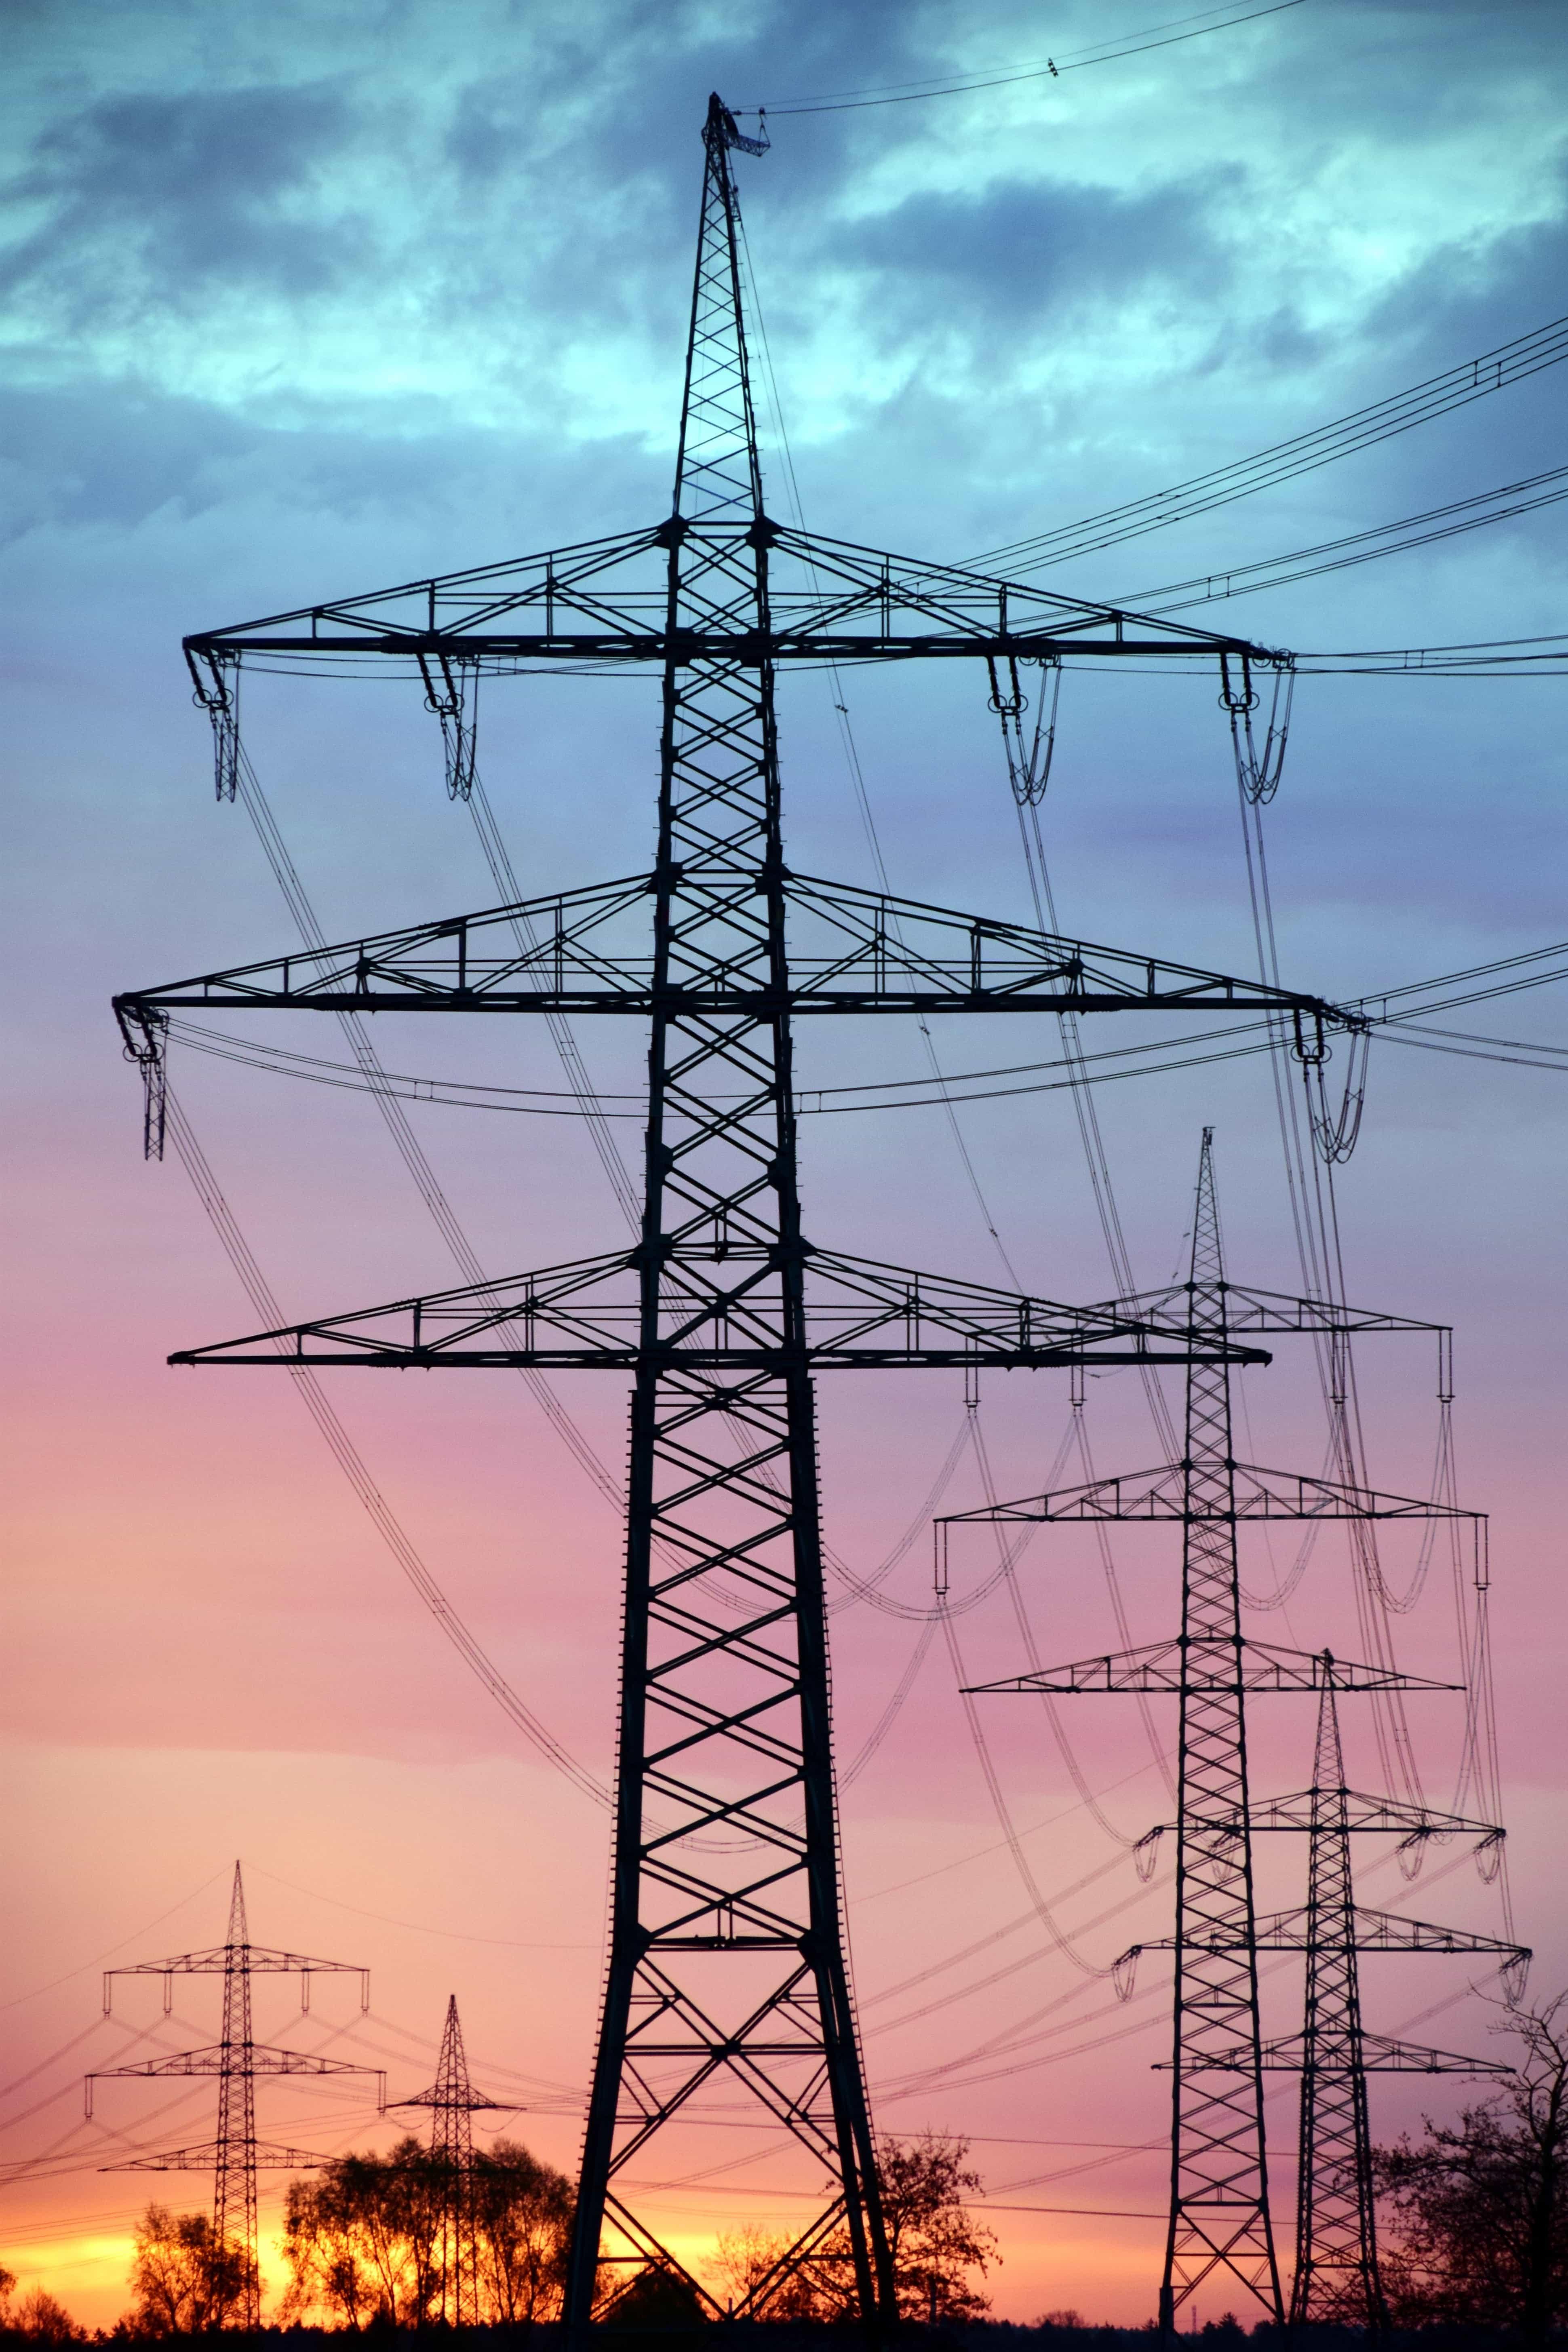 Kostenlose Bild: Spannung, Stahl, Strom, Vertrieb, Draht, Industrie